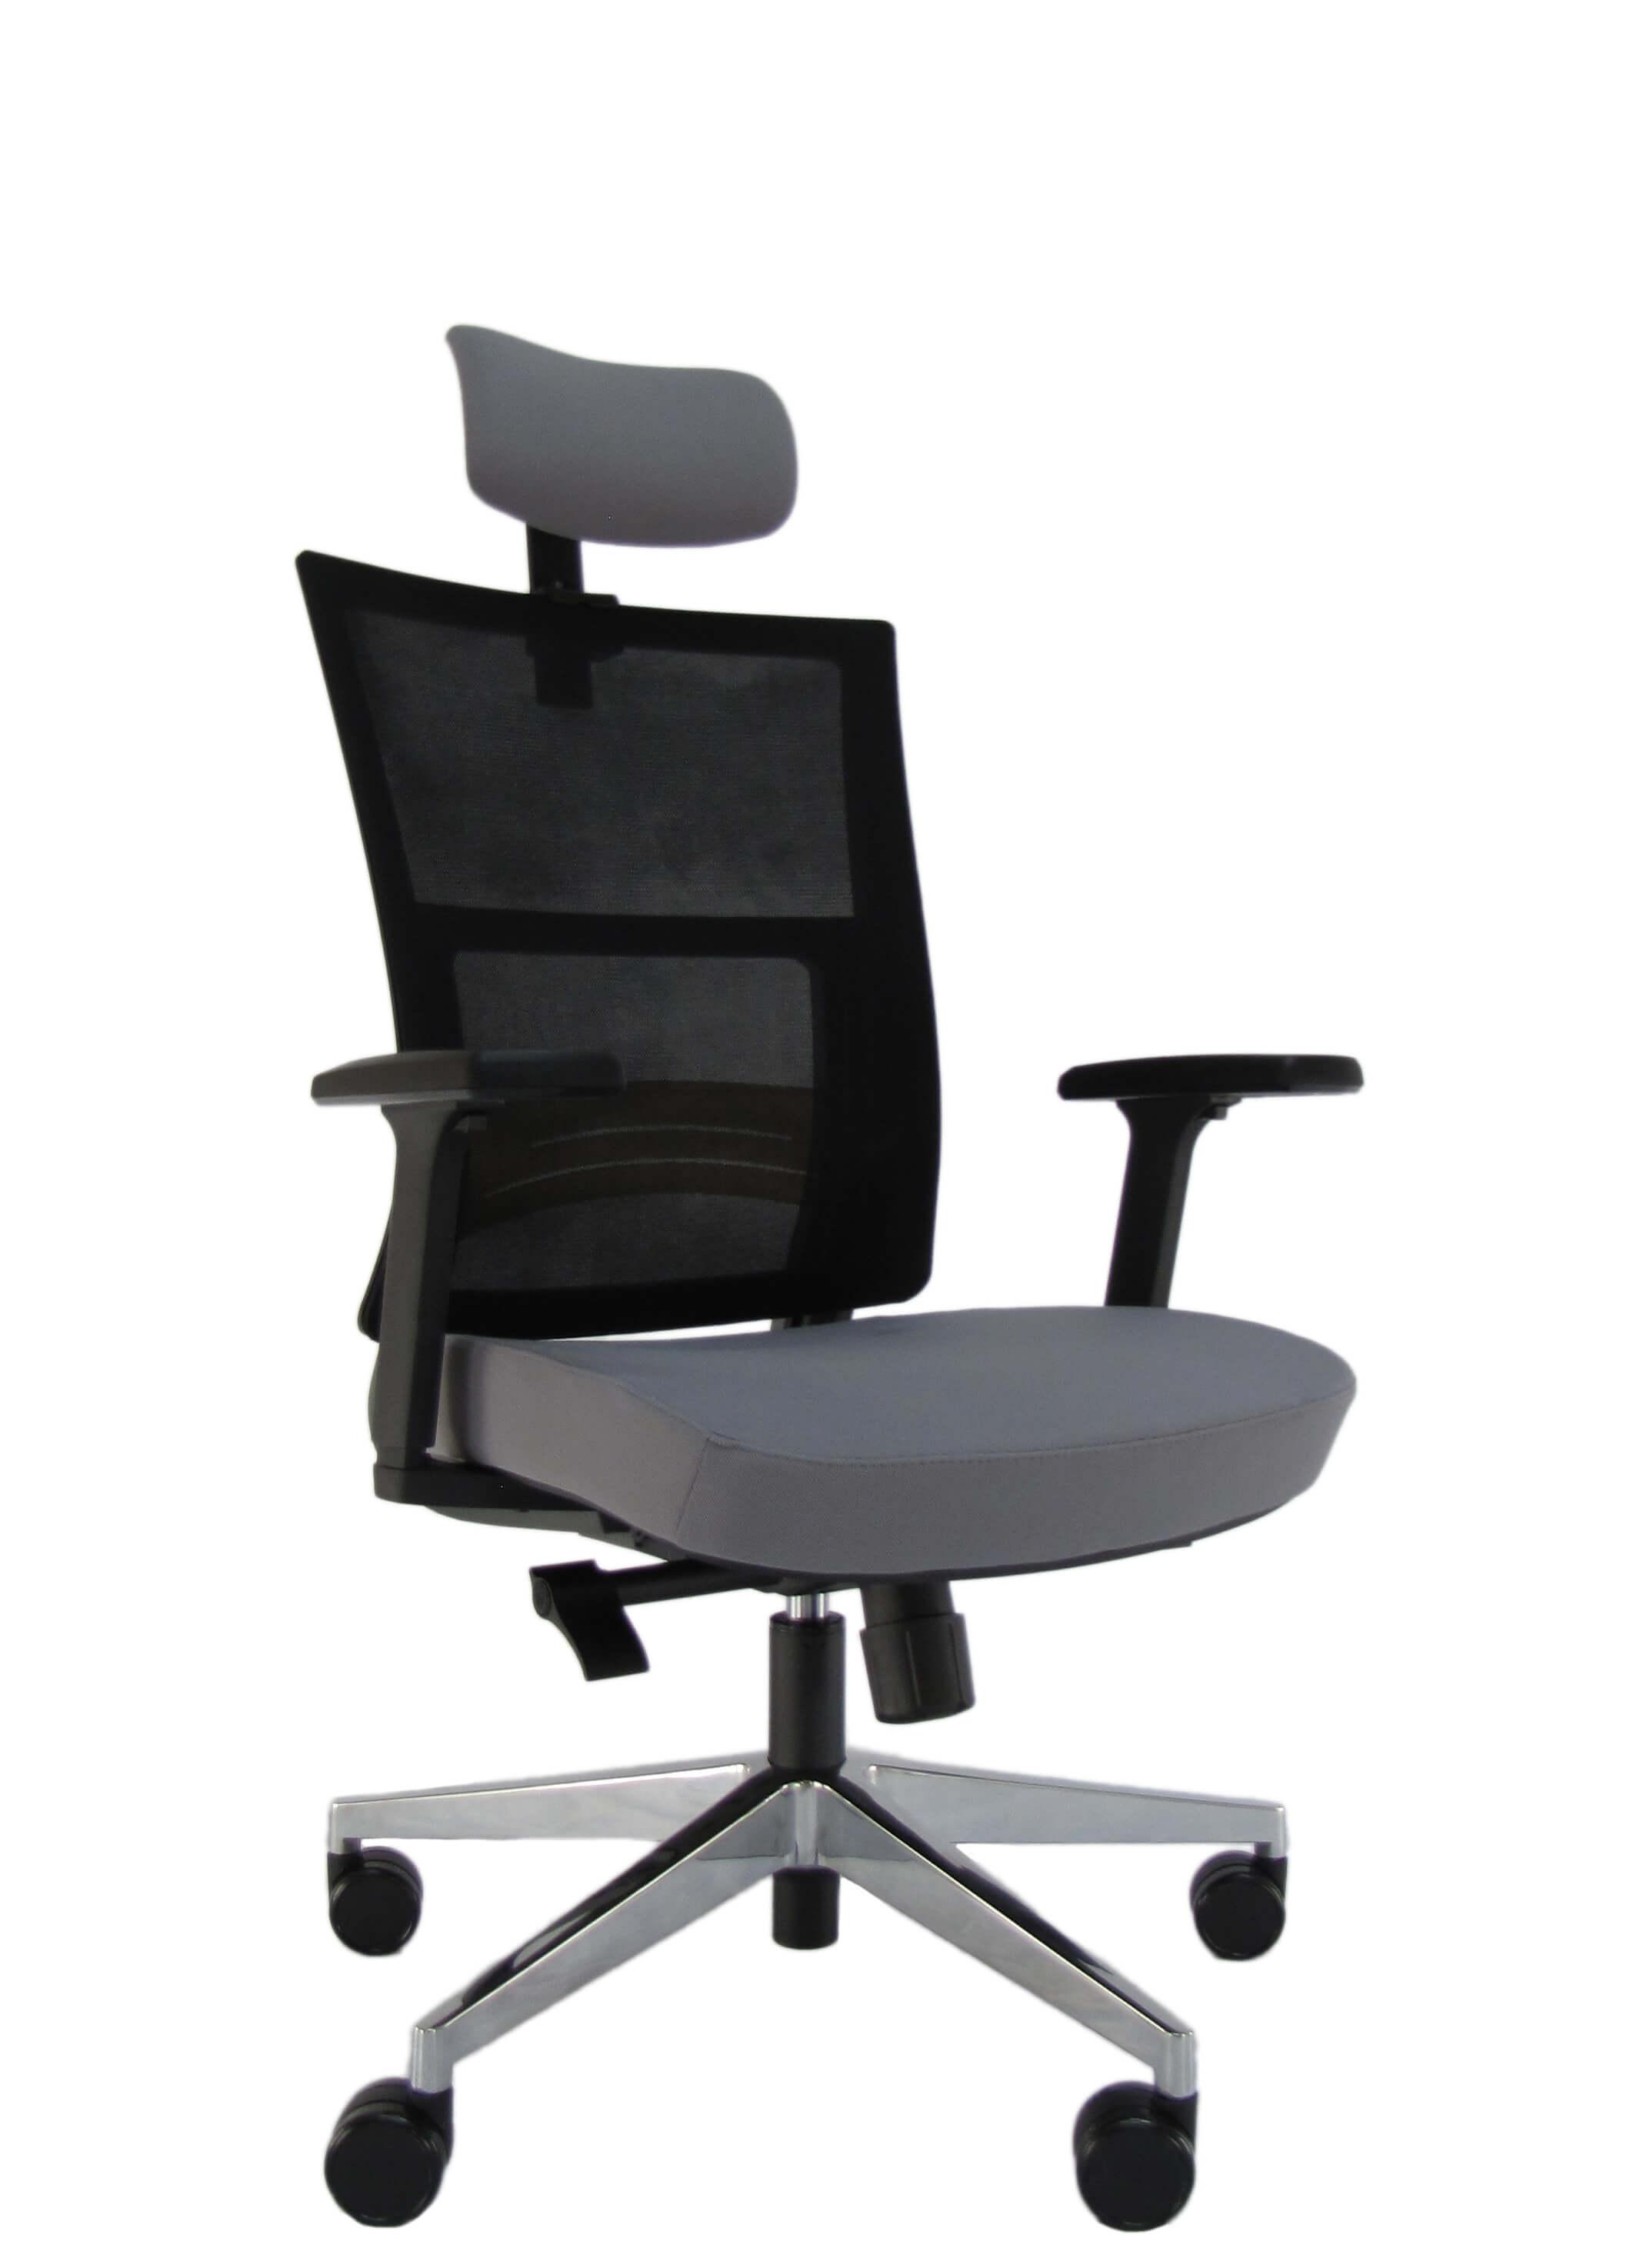 Ergonominė kėdė Velum HRU su tvirto tinkliuko atlošu, kokybišku audiniu aptraukta sėdyne.